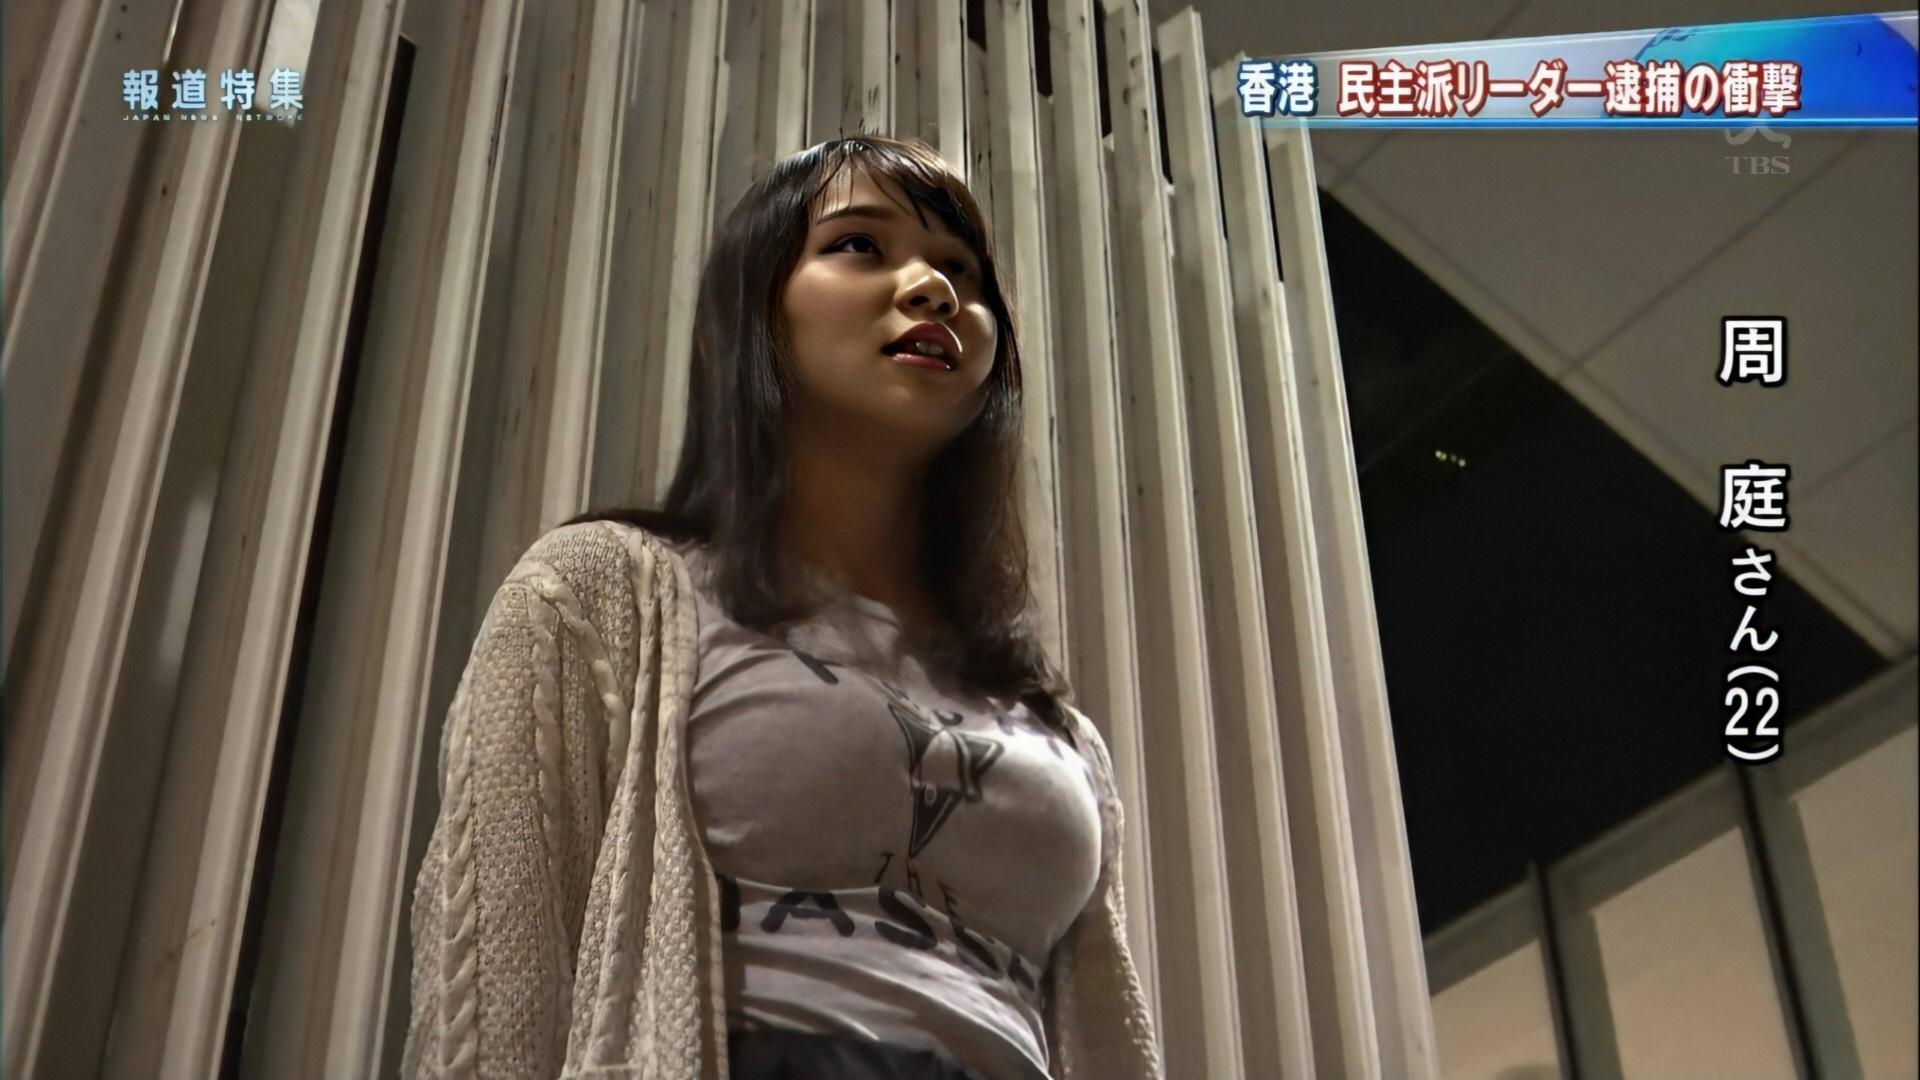 中国「ふーん、お前が周庭ってやつか。ニチャア」周庭「いや…それだけはやめて…」